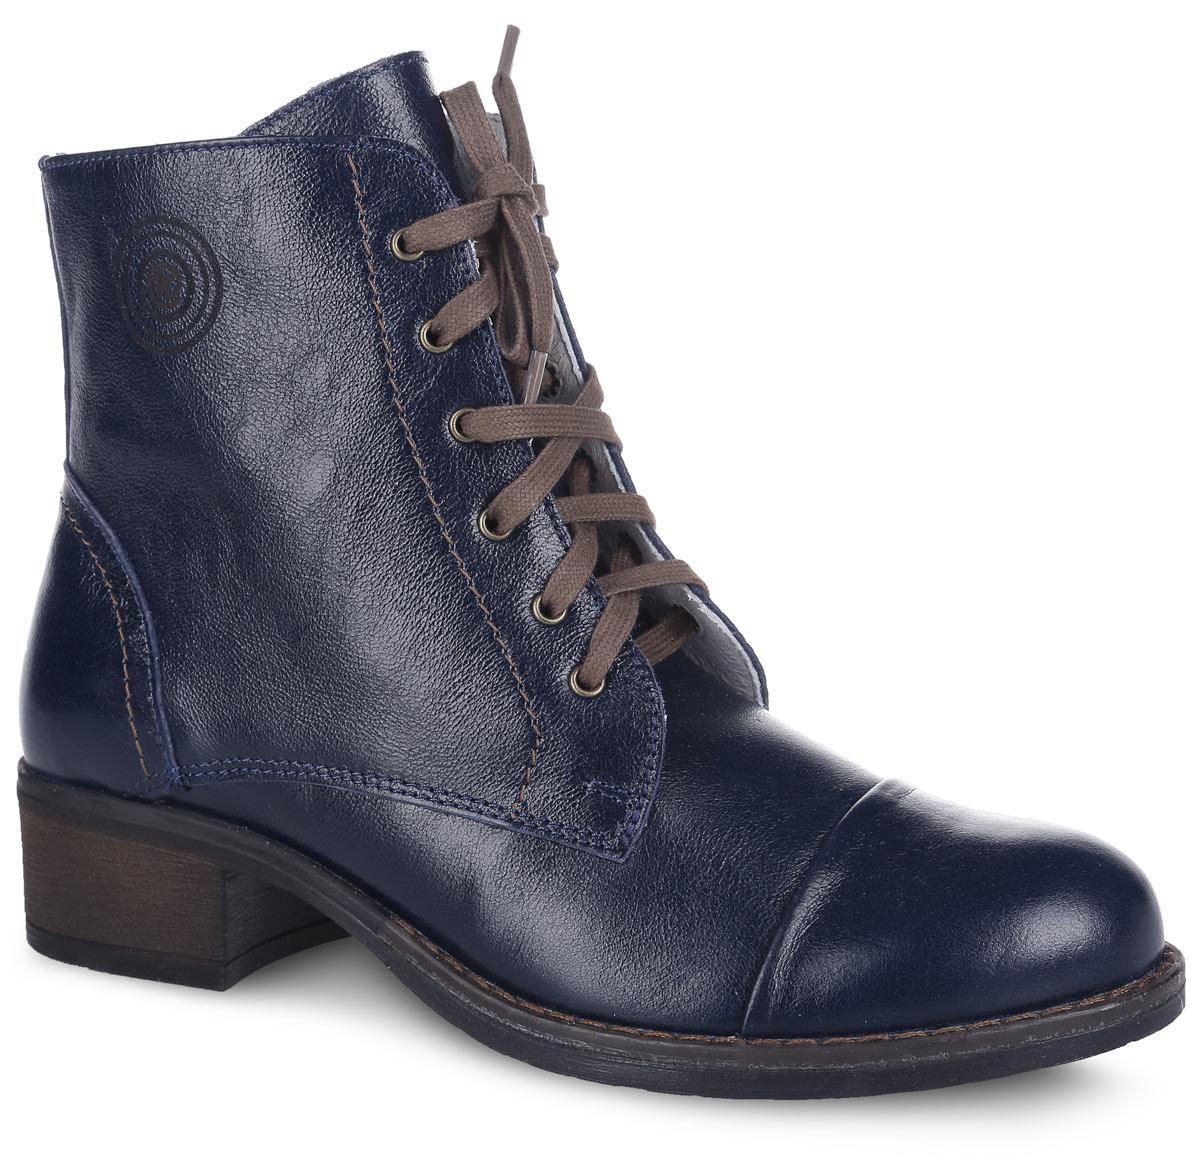 Ботинки для девочки. 752059752059-21Стильные ботинки от Котофей займут достойное место среди коллекции обуви вашей девочки. Ботинки выполнены из натуральной кожи. Подкладка и стелька, изготовленные из натуральной кожи, обеспечат ногам комфорт и уют. Кожаная подкладка абсорбирует образующуюся внутри обуви влагу и гарантирует полный комфорт. Классическая шнуровка надежно зафиксирует изделие на ноге. Боковая застежка-молния позволяет легко снимать и обувать модель. Небольшой каблук и подошва с рифлением обеспечивают отличное сцепление с любой поверхностью. Стильные ботинки - незаменимая вещь в гардеробе каждой девочки!